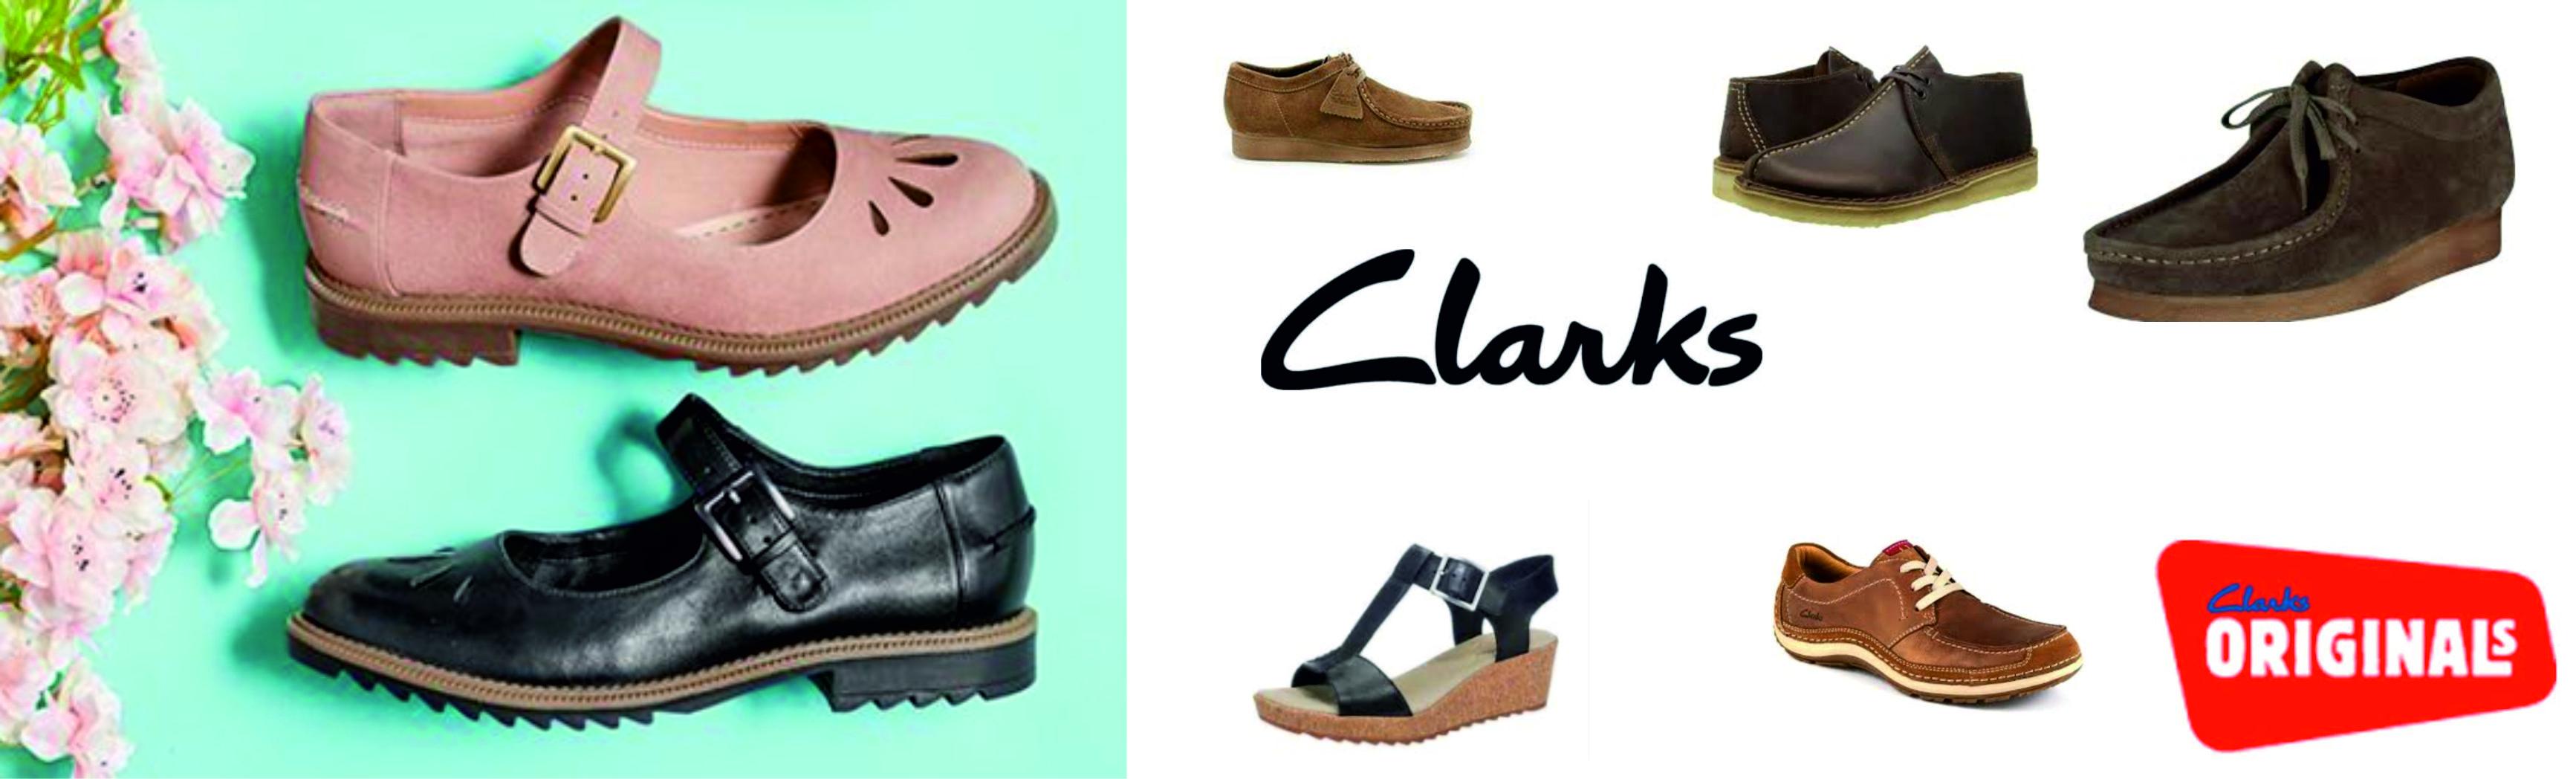 the latest 392bb b7223 Clarks Schuhe in großer Auswahl günstig online kaufen | Schuhe24